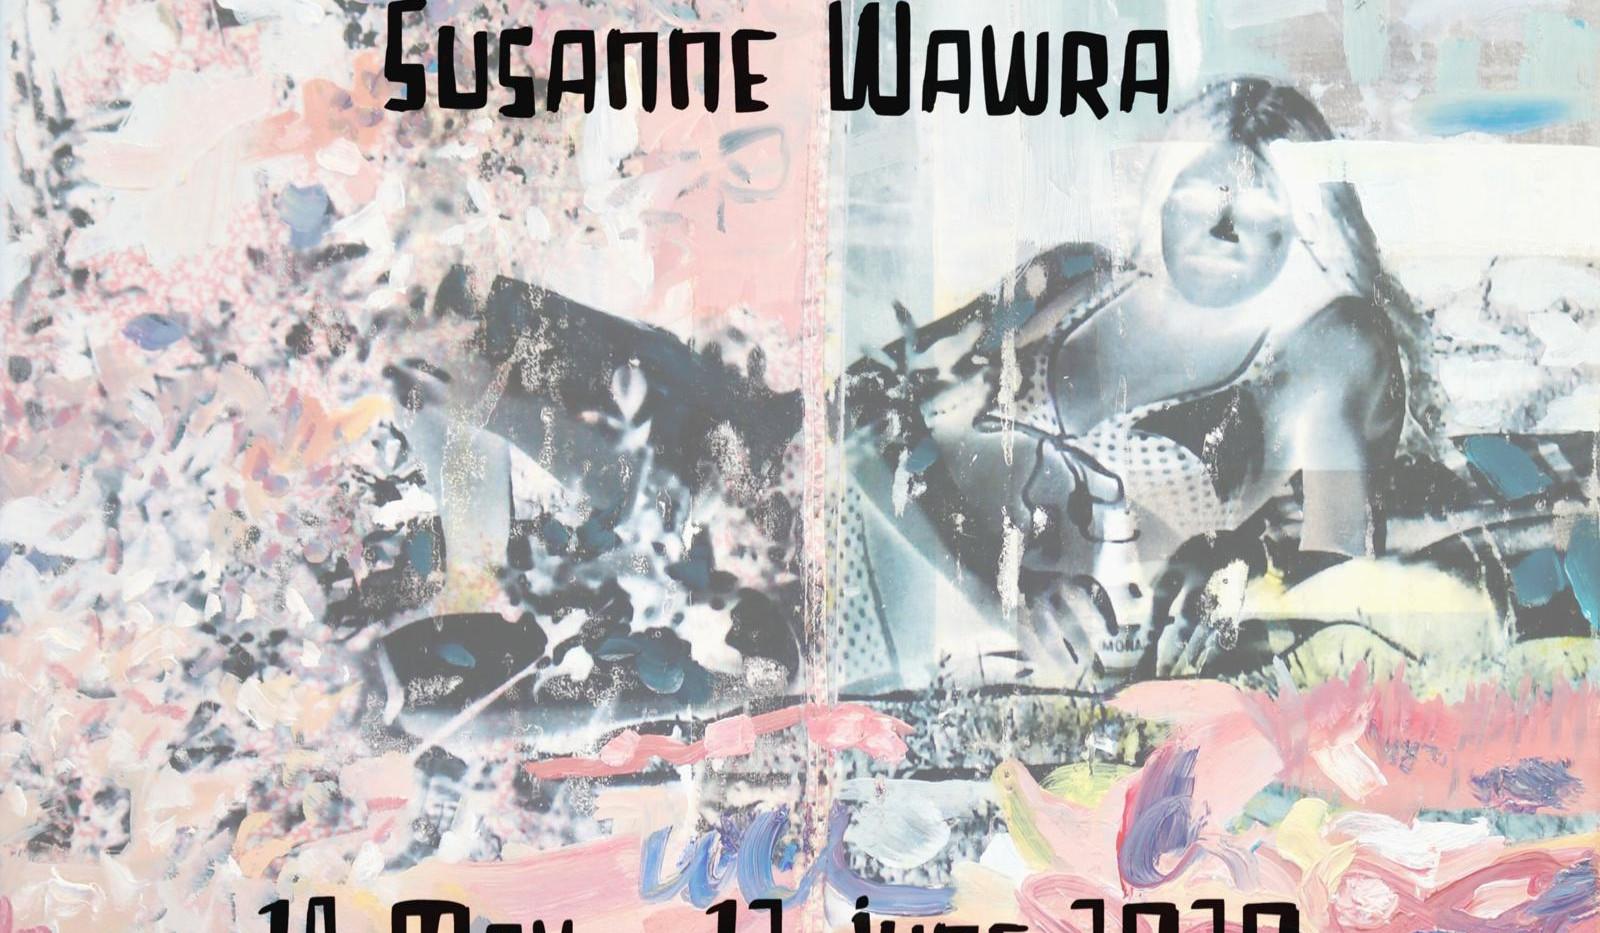 OCG_SusanneWawra_Sitzfleisch_square.jpg